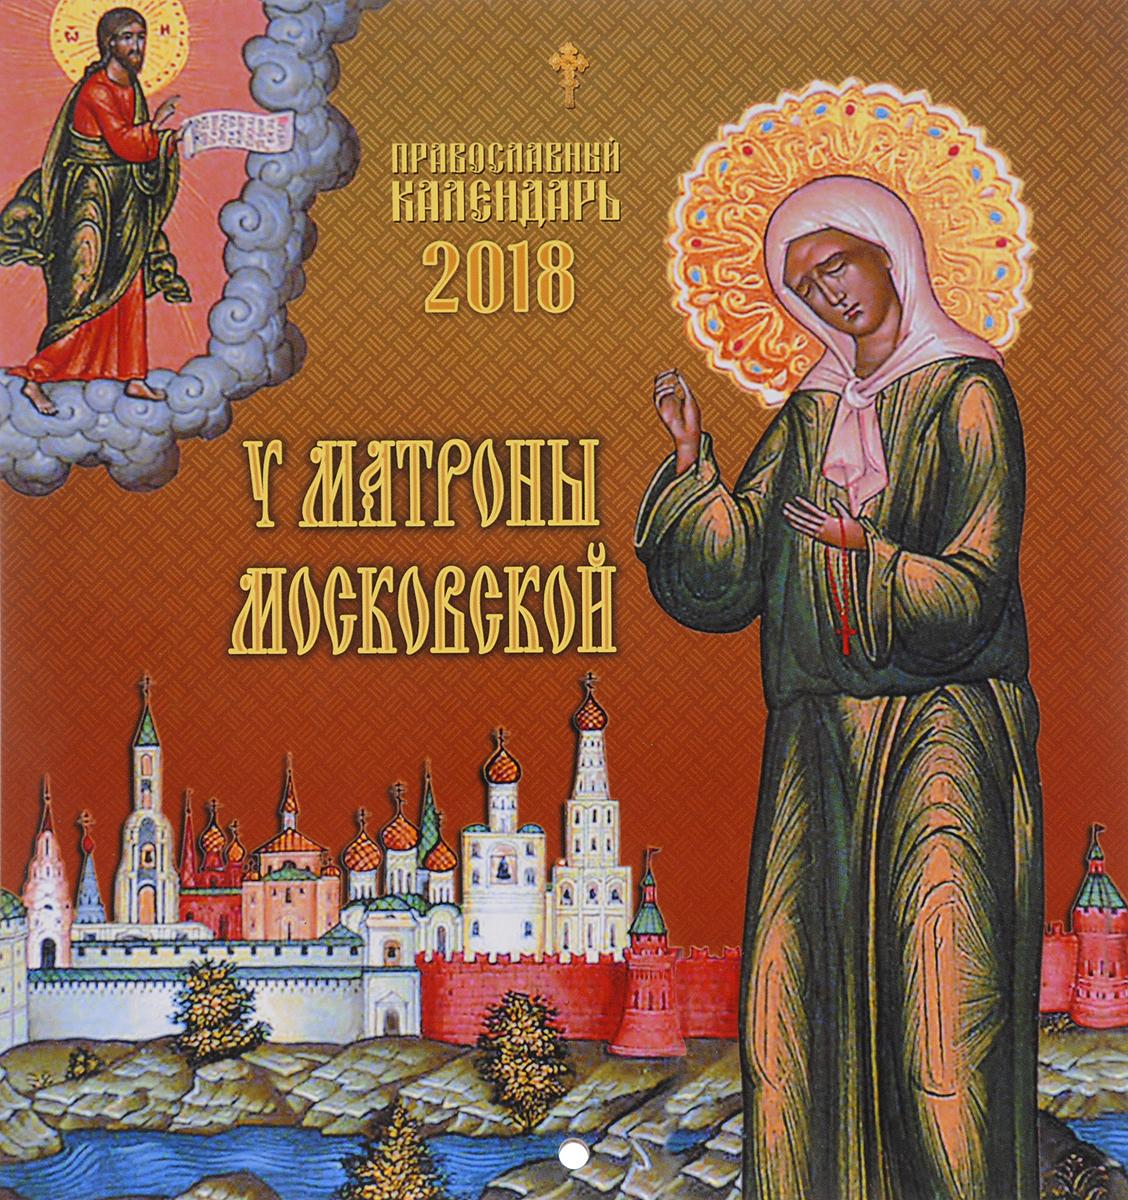 Календарь на 2018 год (на скрепке). У Матроны Московской альфонс муха календарь настенный на 2018 год эксмо